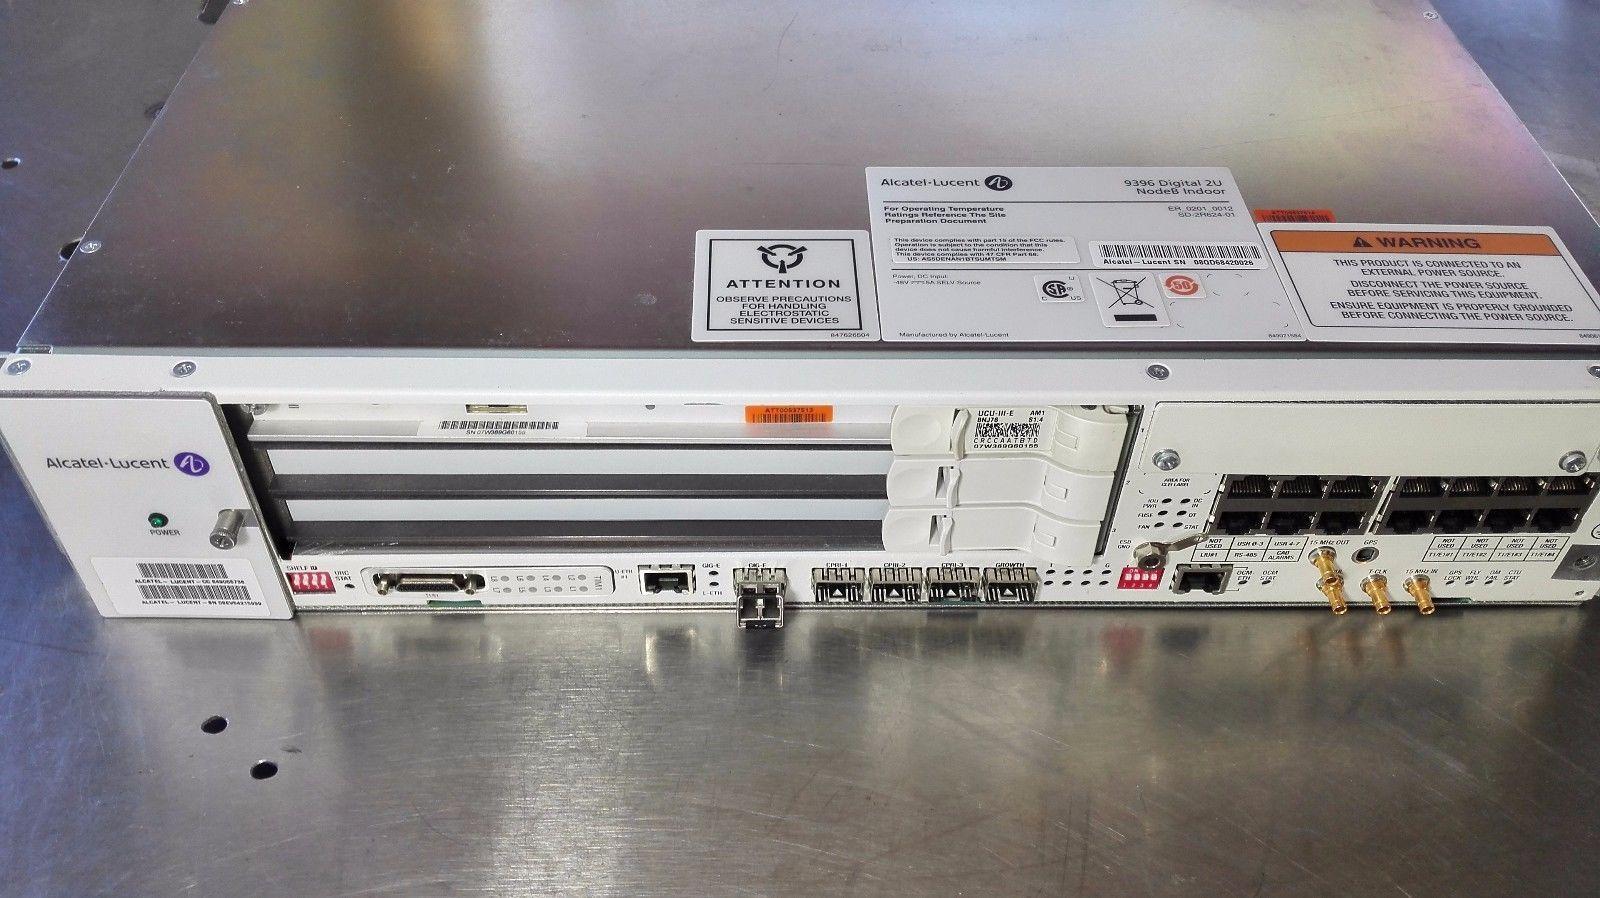 Alcatel Lucent 9396 Digital 2u Nodeb Indoor Er 0201 0012 Sd 2r624 01 Tp Link 24ghz 5dbi Desktop Omni Directional Antenna Tl Ant2405c Ucu Iii